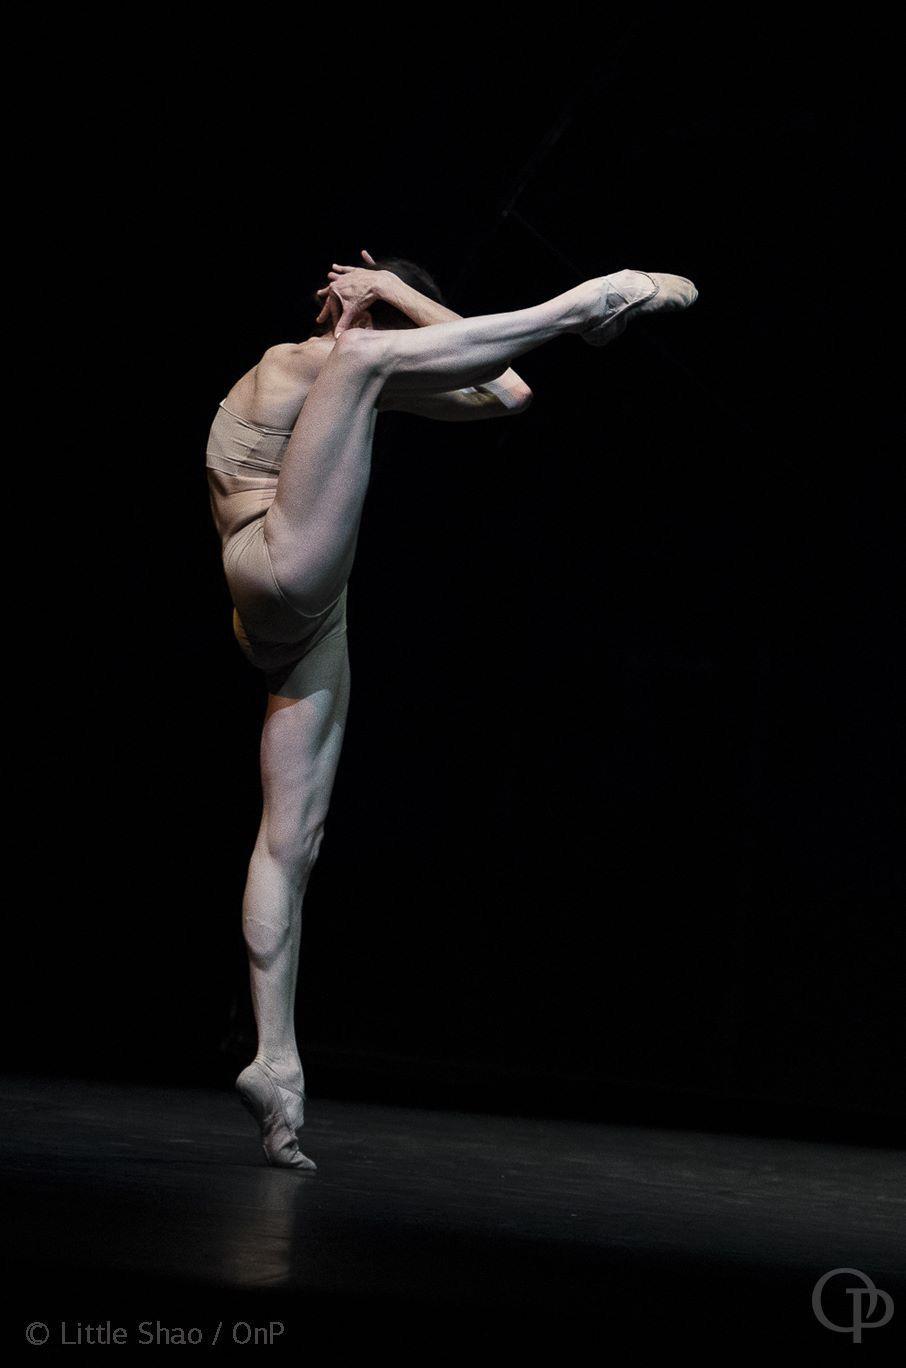 Dance Paris Opera Ballet Ballet Dance Photography Male Ballet Dancers Dance Photography